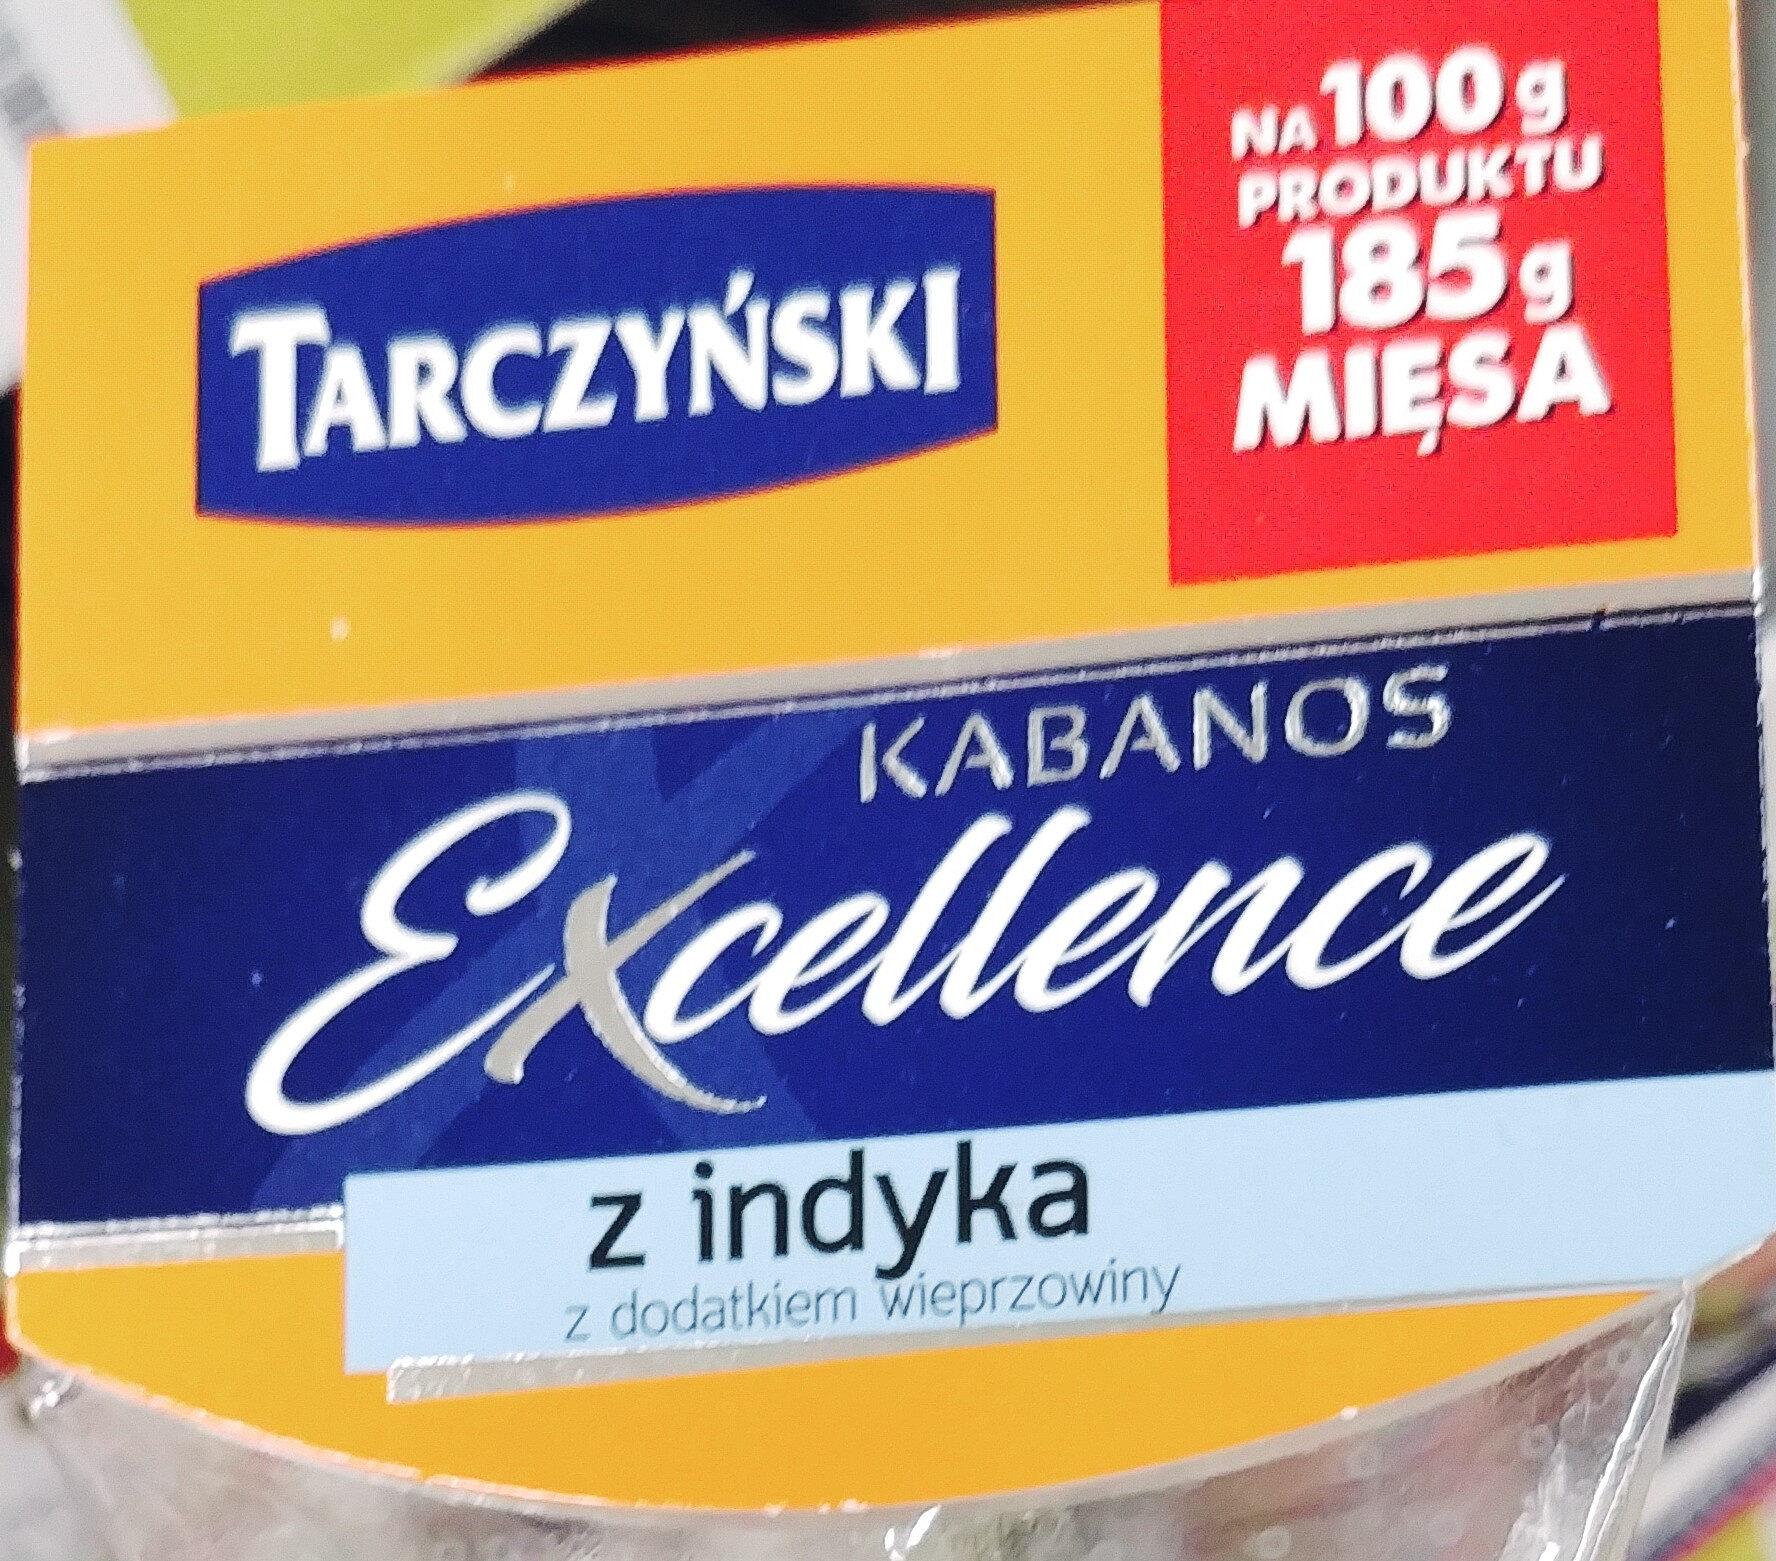 Kabanos excellence z indyka z dodatkiem wieprzowiny - Product - pl